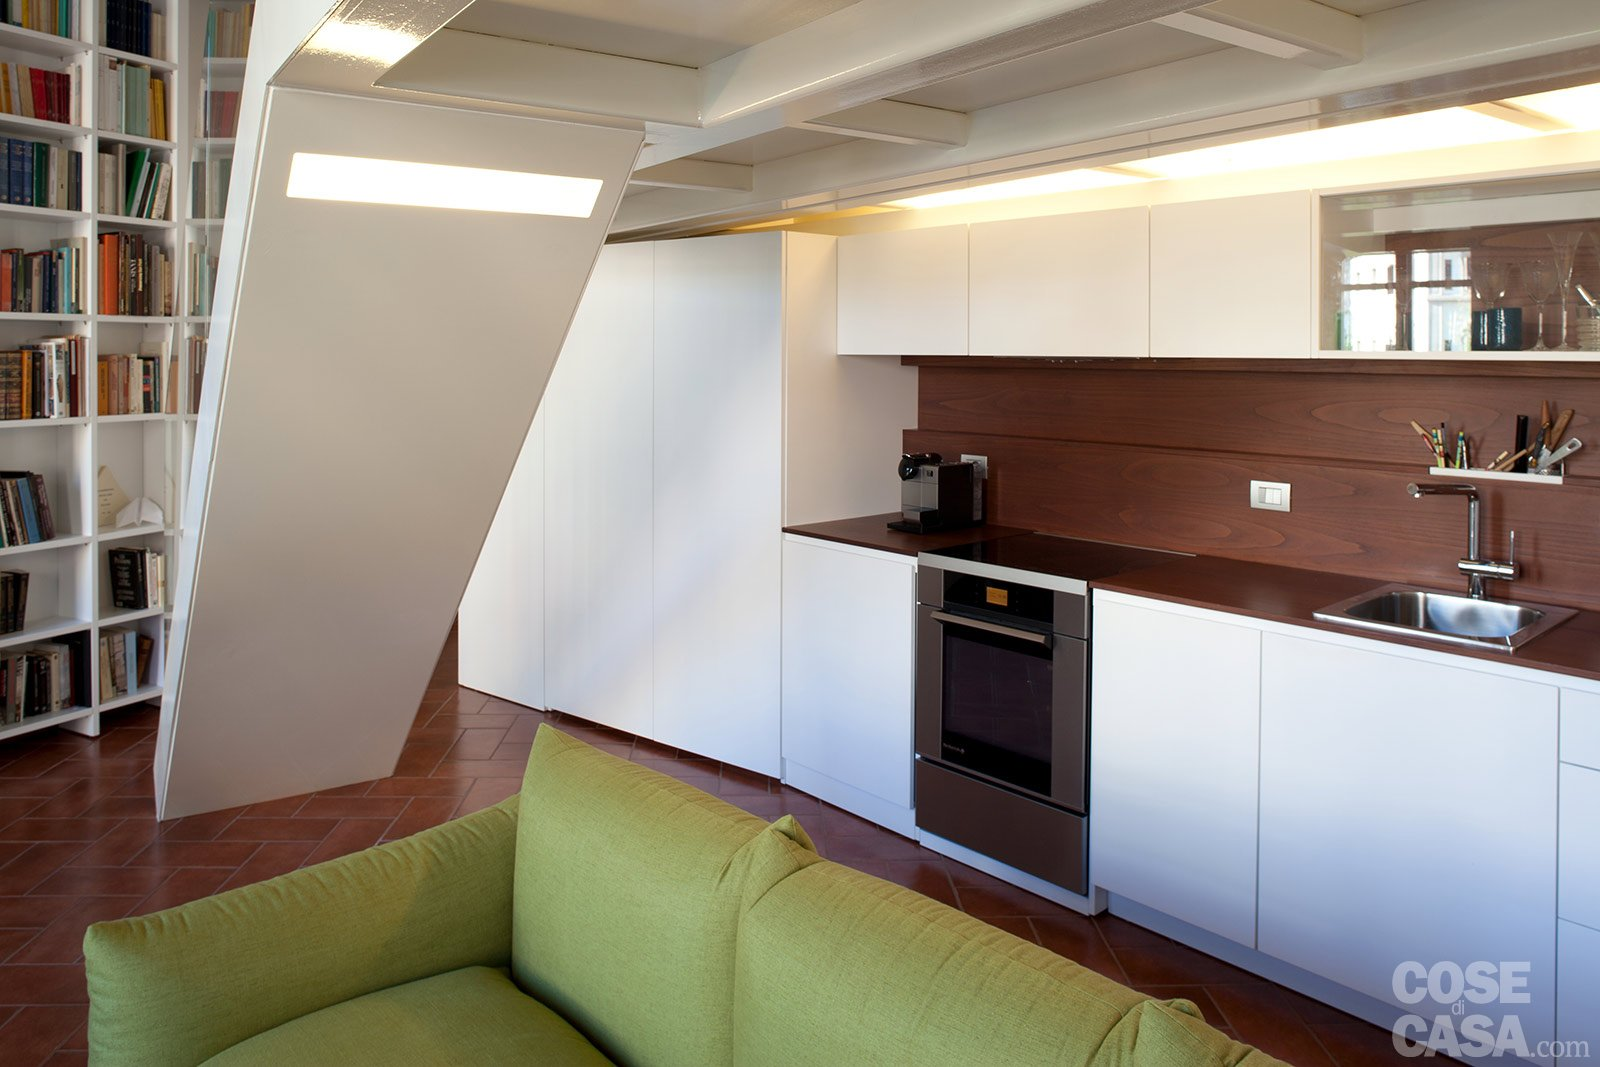 Un monolocale ampliato in altezza cose di casa for Piani di casa rustici con soppalco